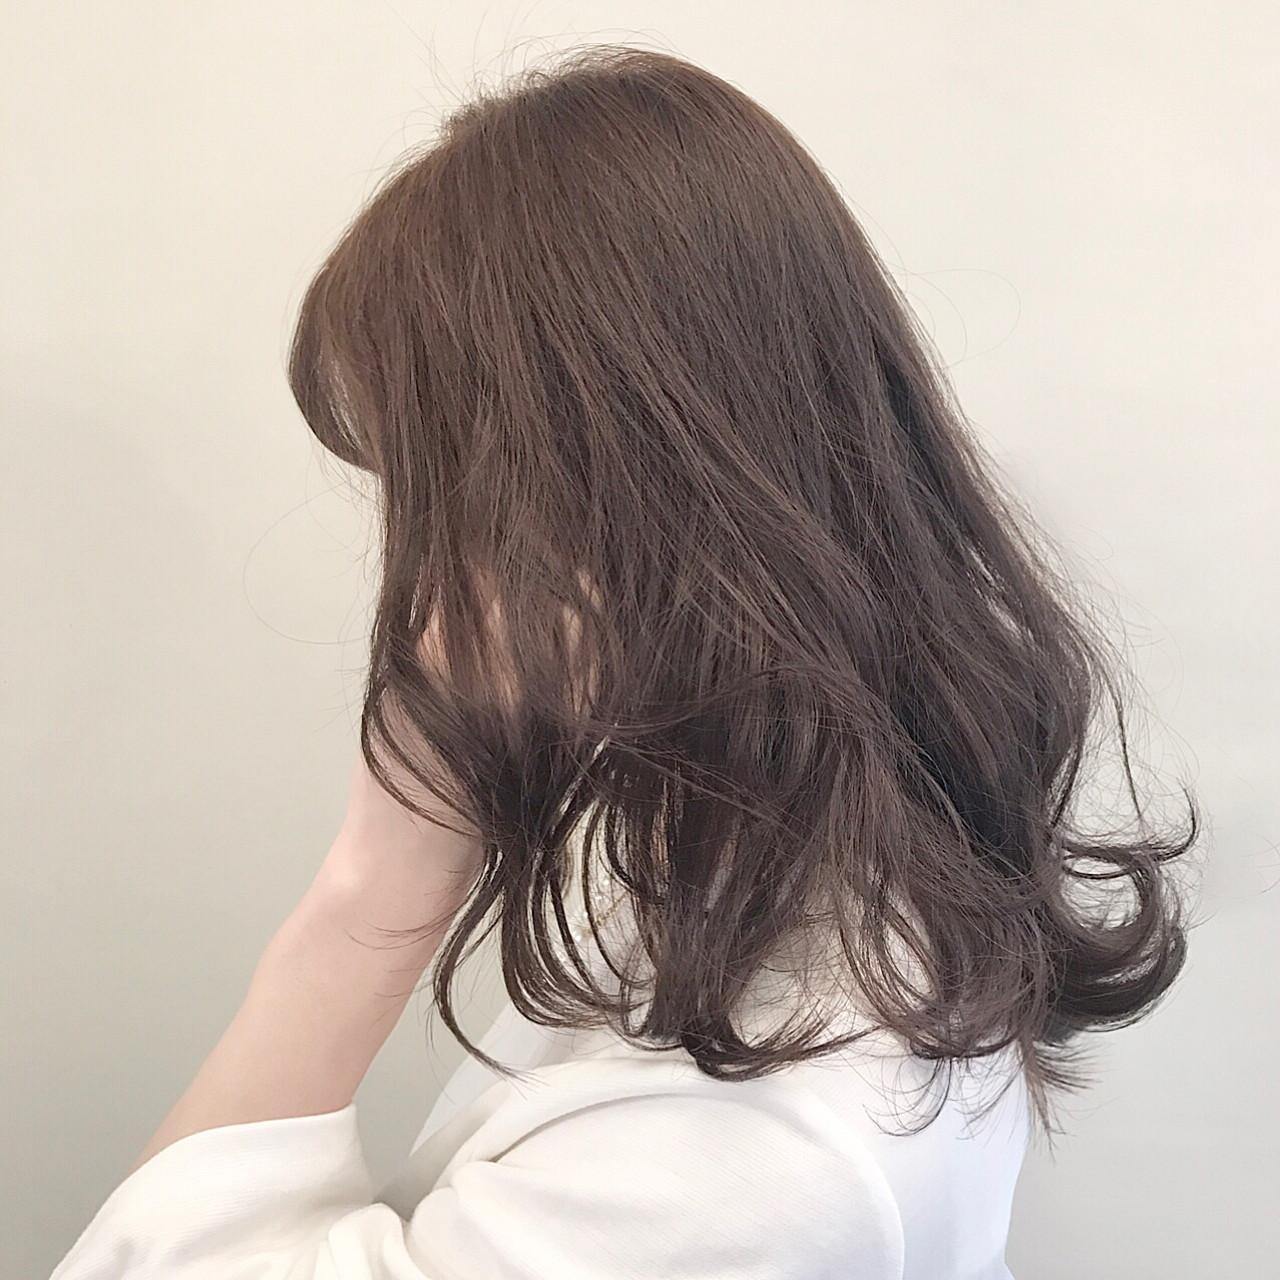 ウルフカット 色気 ガーリー 小顔 ヘアスタイルや髪型の写真・画像